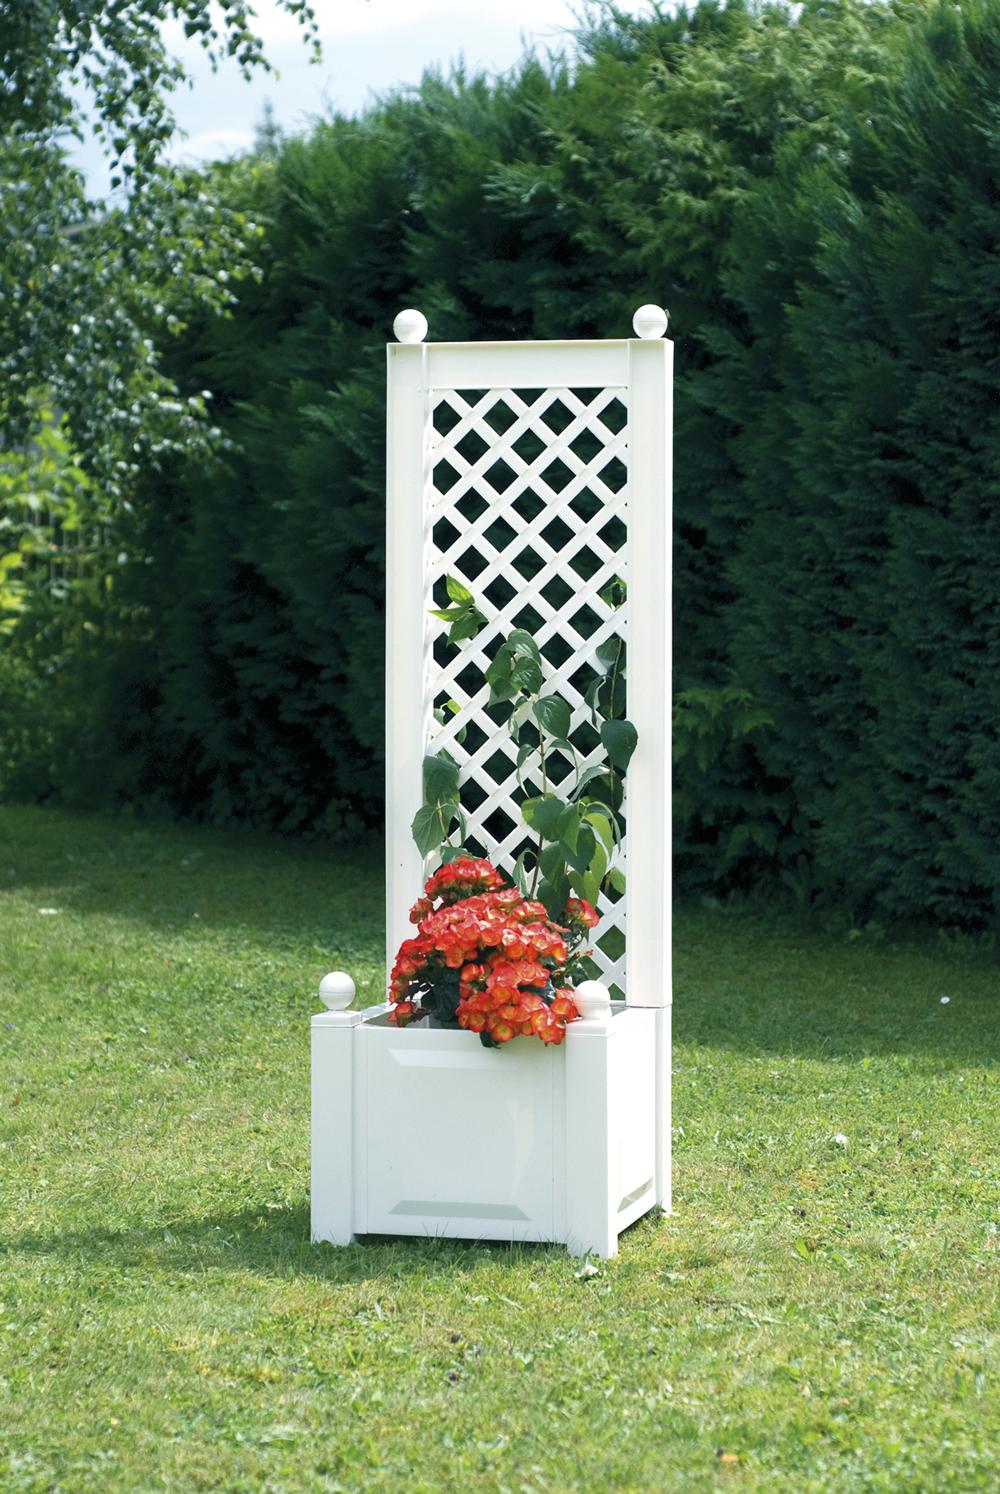 Ящик для растений KHW 37201 WhiteСадовые конструкции<br>Маленький ящик для растений KHW 37201 со шпалерой белый<br><br>Маленький ящик KHW со шпалерой имеет привлекательный дизайн в белом цвете, который будет стильно и празднично смотреться на садовом участке. Кроме того, такая конструкция привлекательна и с практичной стороны, ведь возвышающаяся шпалера над ящиком будет отличной защитой от ветра и палящего солнца для растений, которые высажены в ящике.&amp;nbsp;&amp;nbsp;Также шпалера выступает опорой для вьющихся растений. Объем клумбы составляет 44 л.<br><br>Вариантов размещения ящика для растений KHW огромное множество. Установить...<br><br>Тип: ящик для растений<br>Объем, л: 44<br>Материал : полипропилен<br>Шпалера в комплекте: есть<br>Ящик для растений: есть